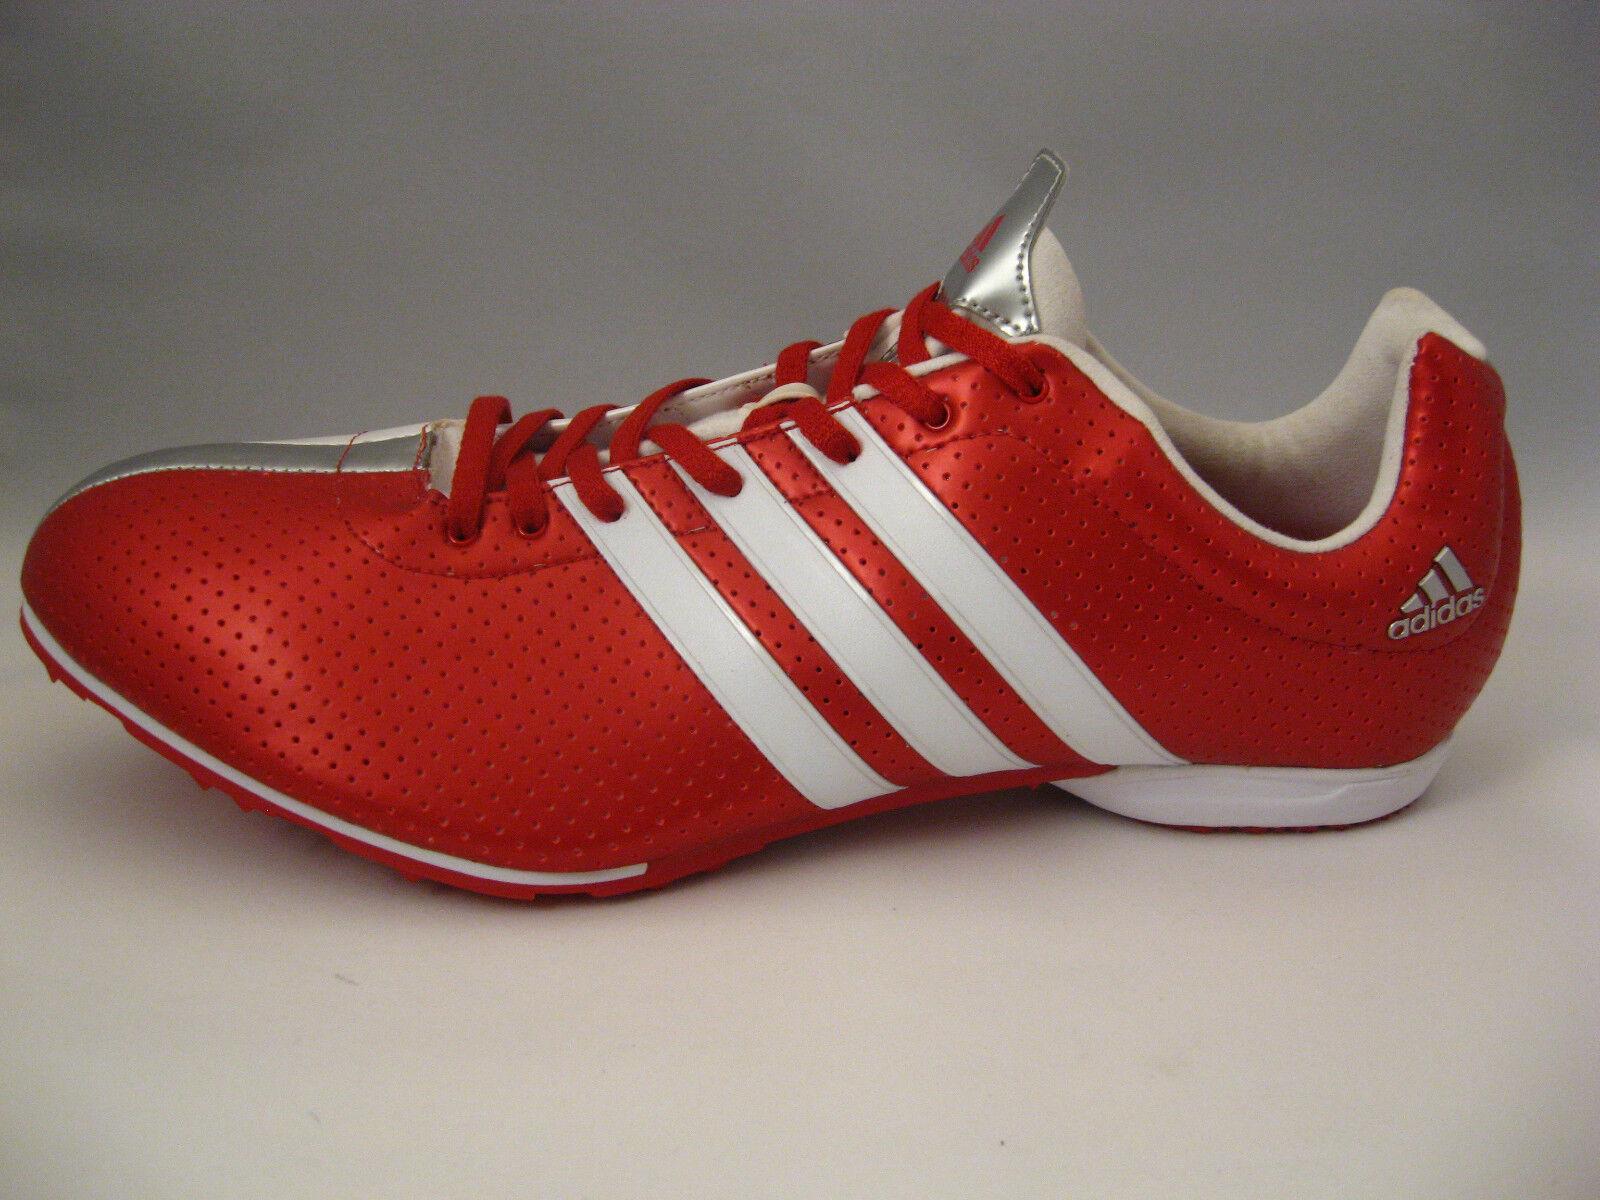 Hombre zapatos de la pista 14 Adidas adiZero ligero MD g00162 blanco rojo ligero adiZero Spikes nueva marca de descuento 37cc96